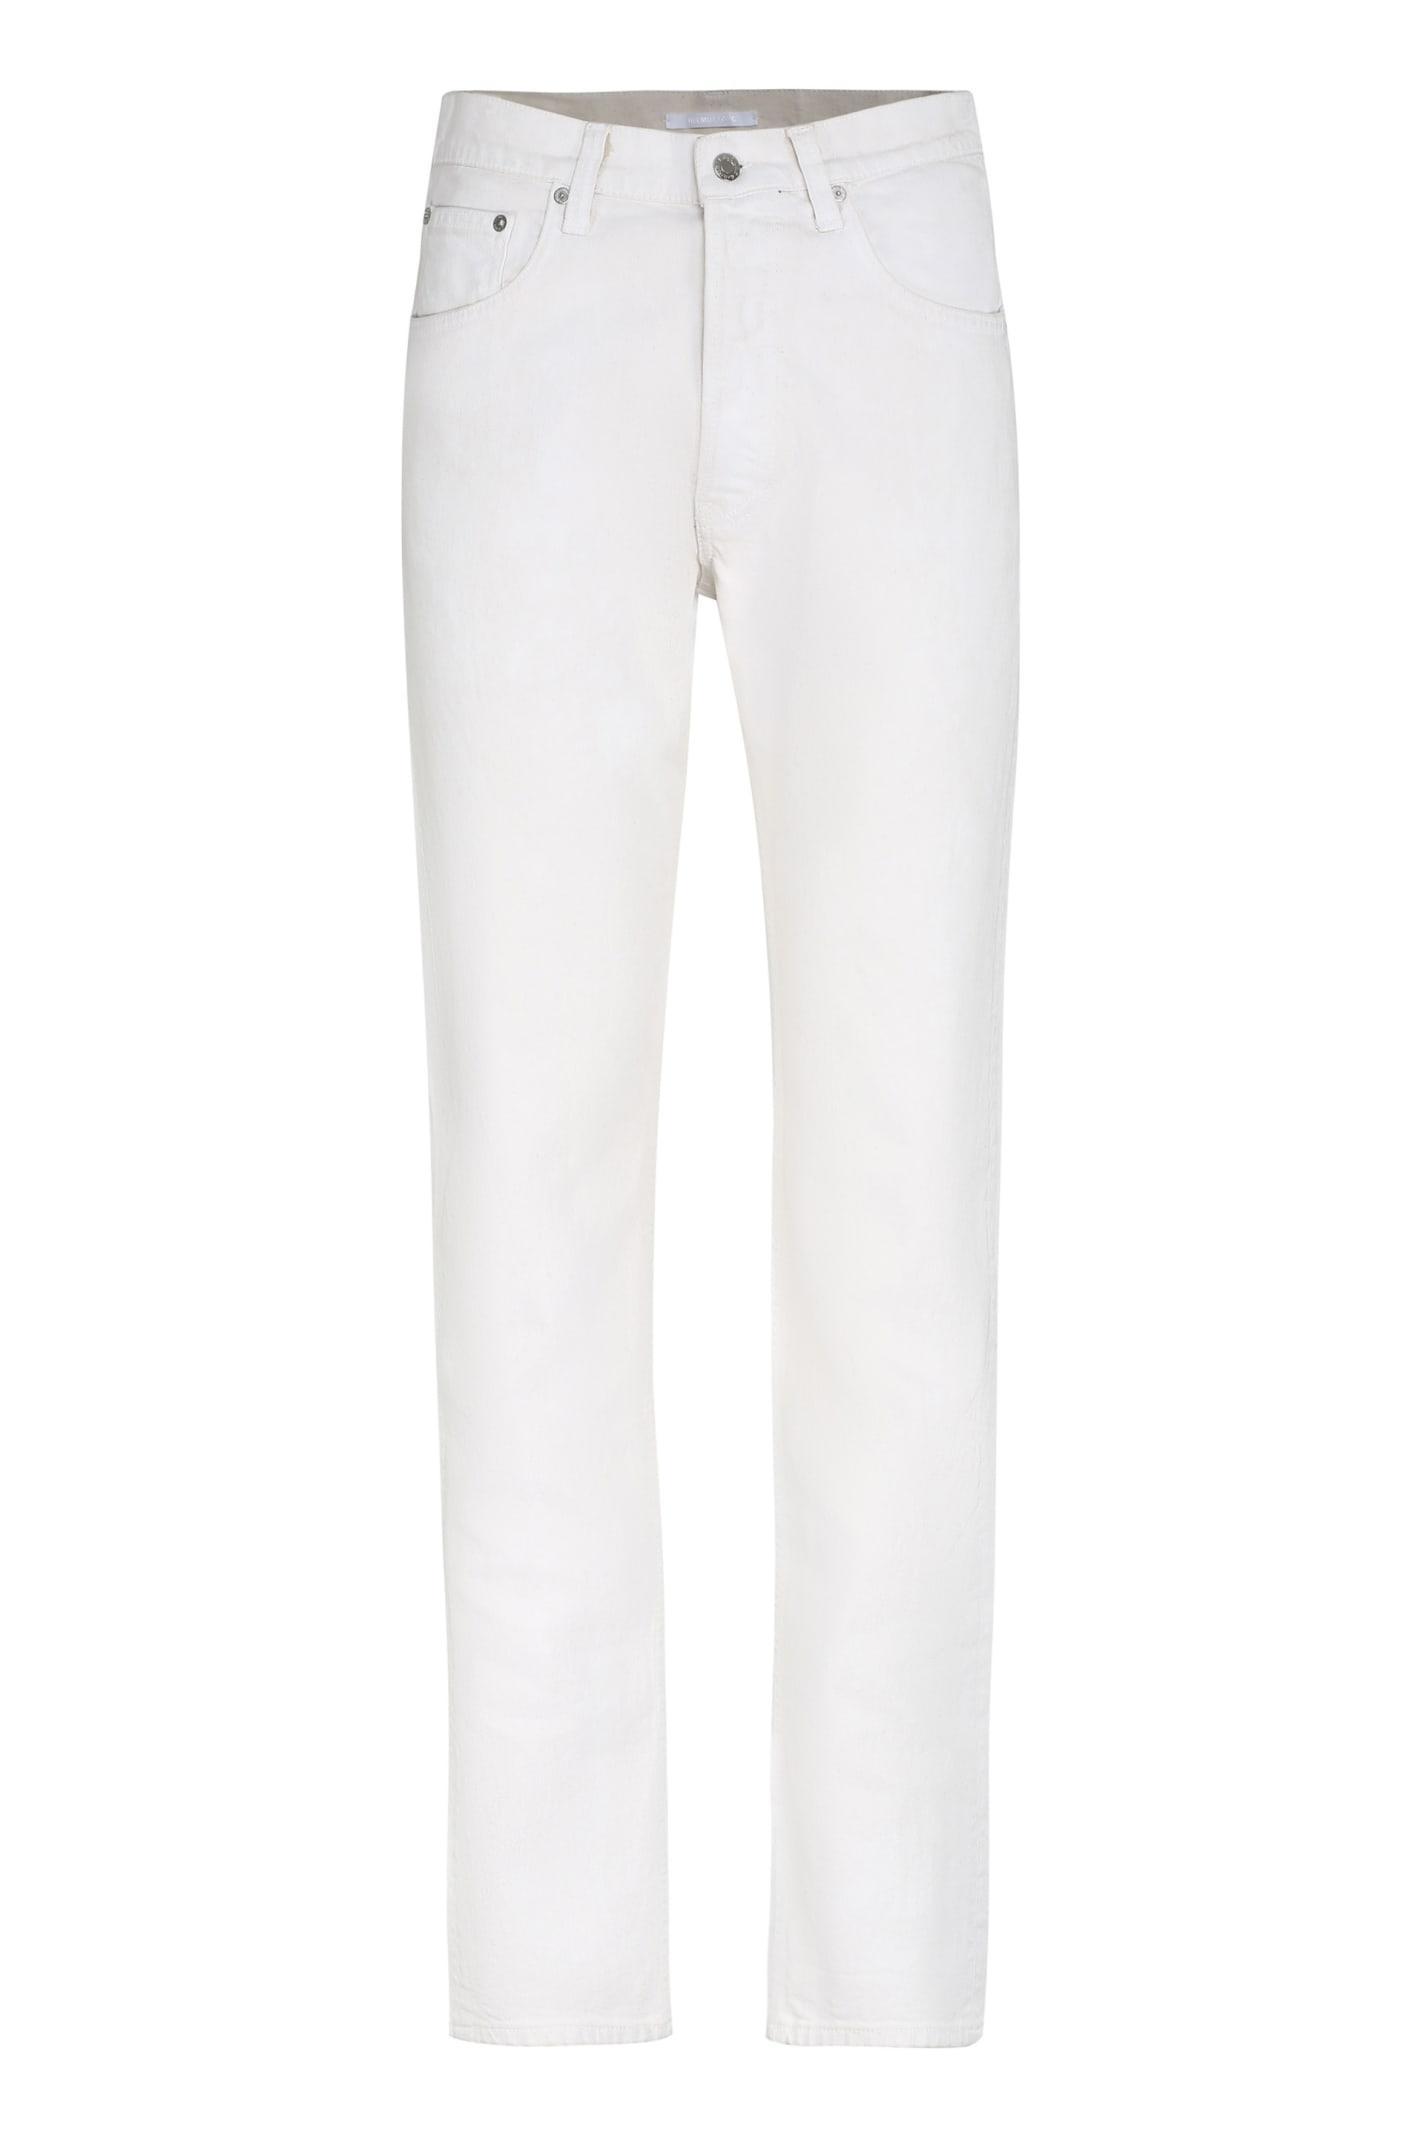 Helmut Lang 5-pocket Jeans